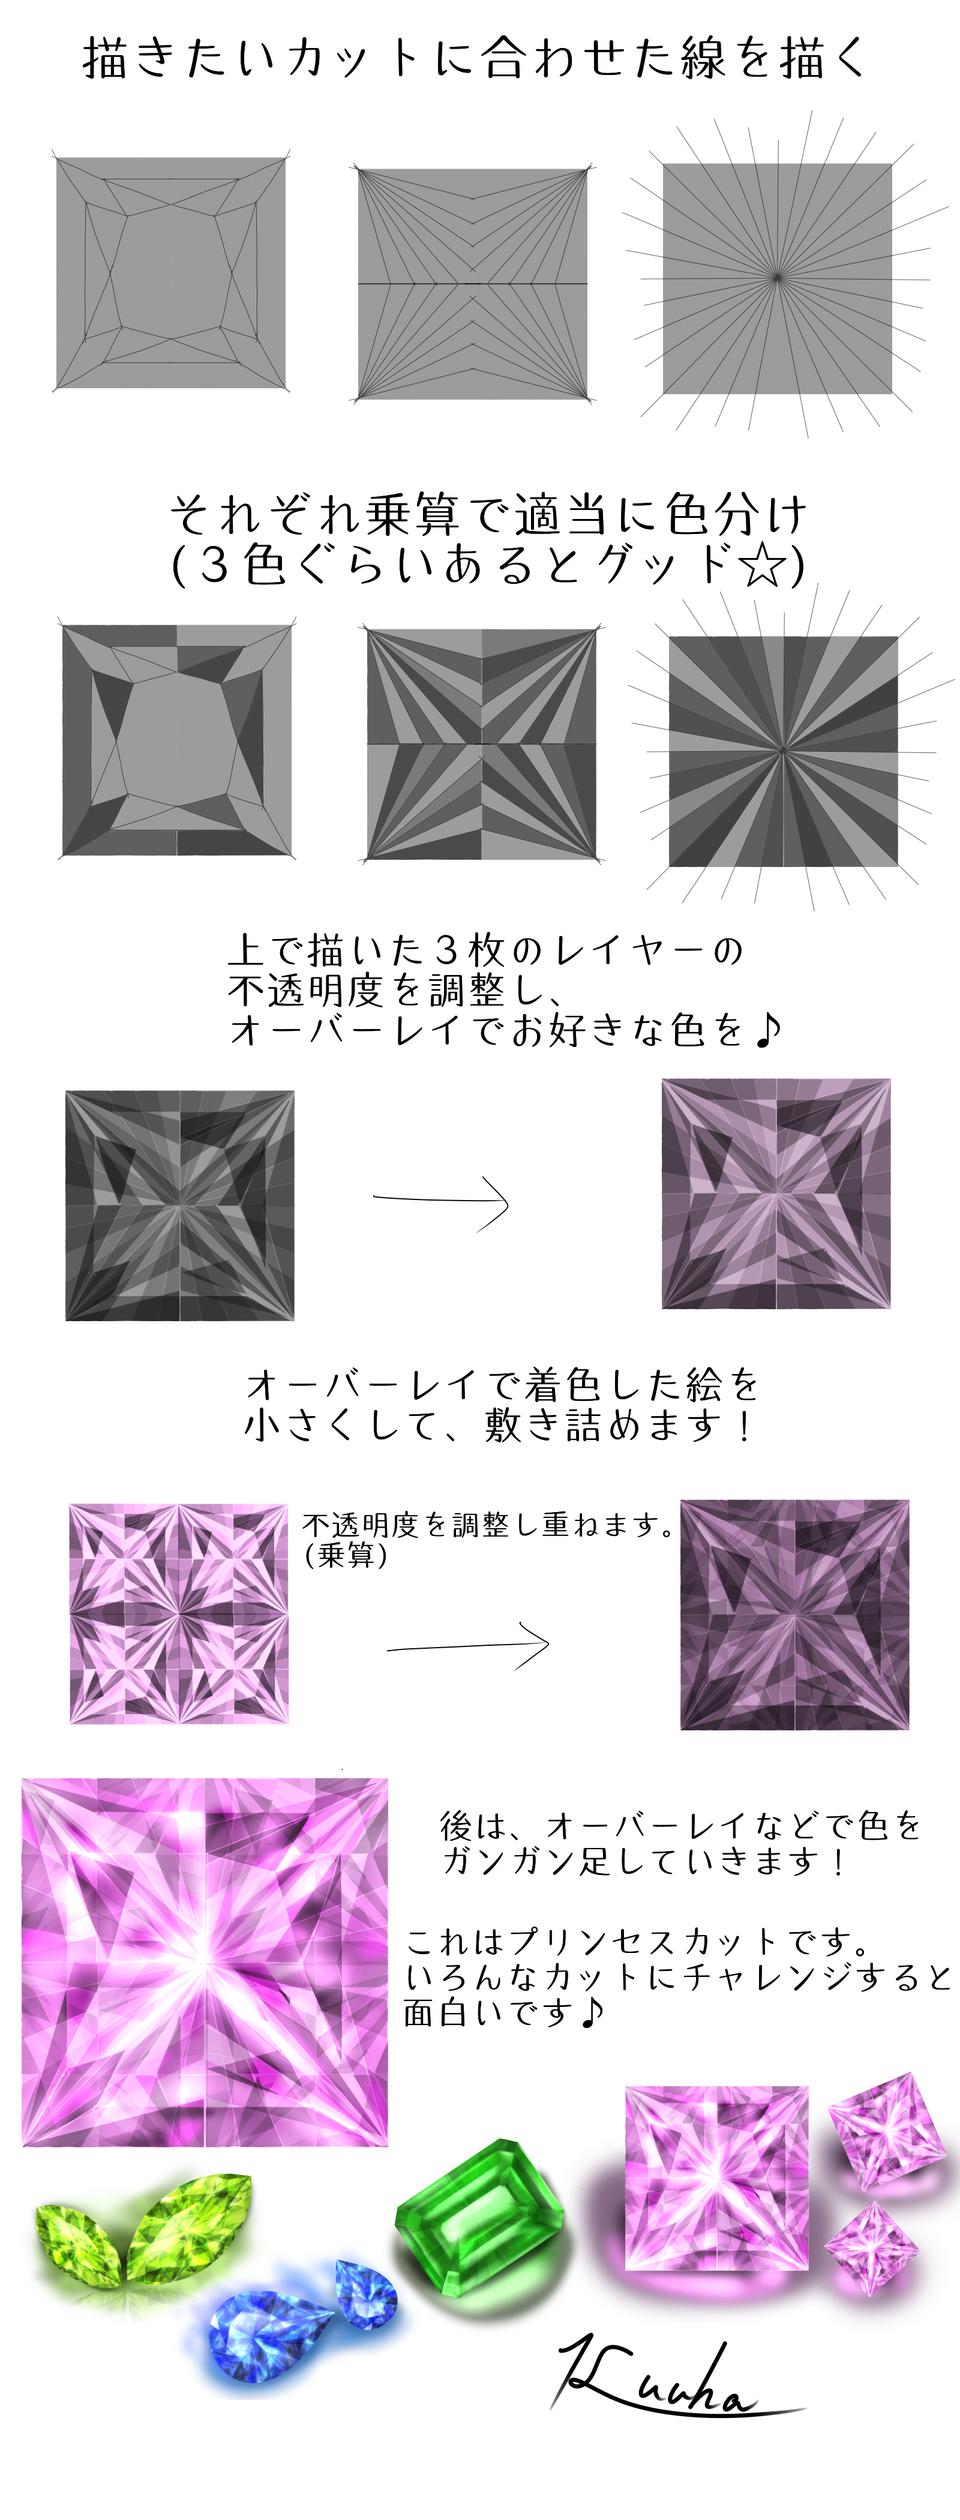 宝石メイキング2☆中級~上級編 Illust of くうは medibangpaint メイキング 宝石 original